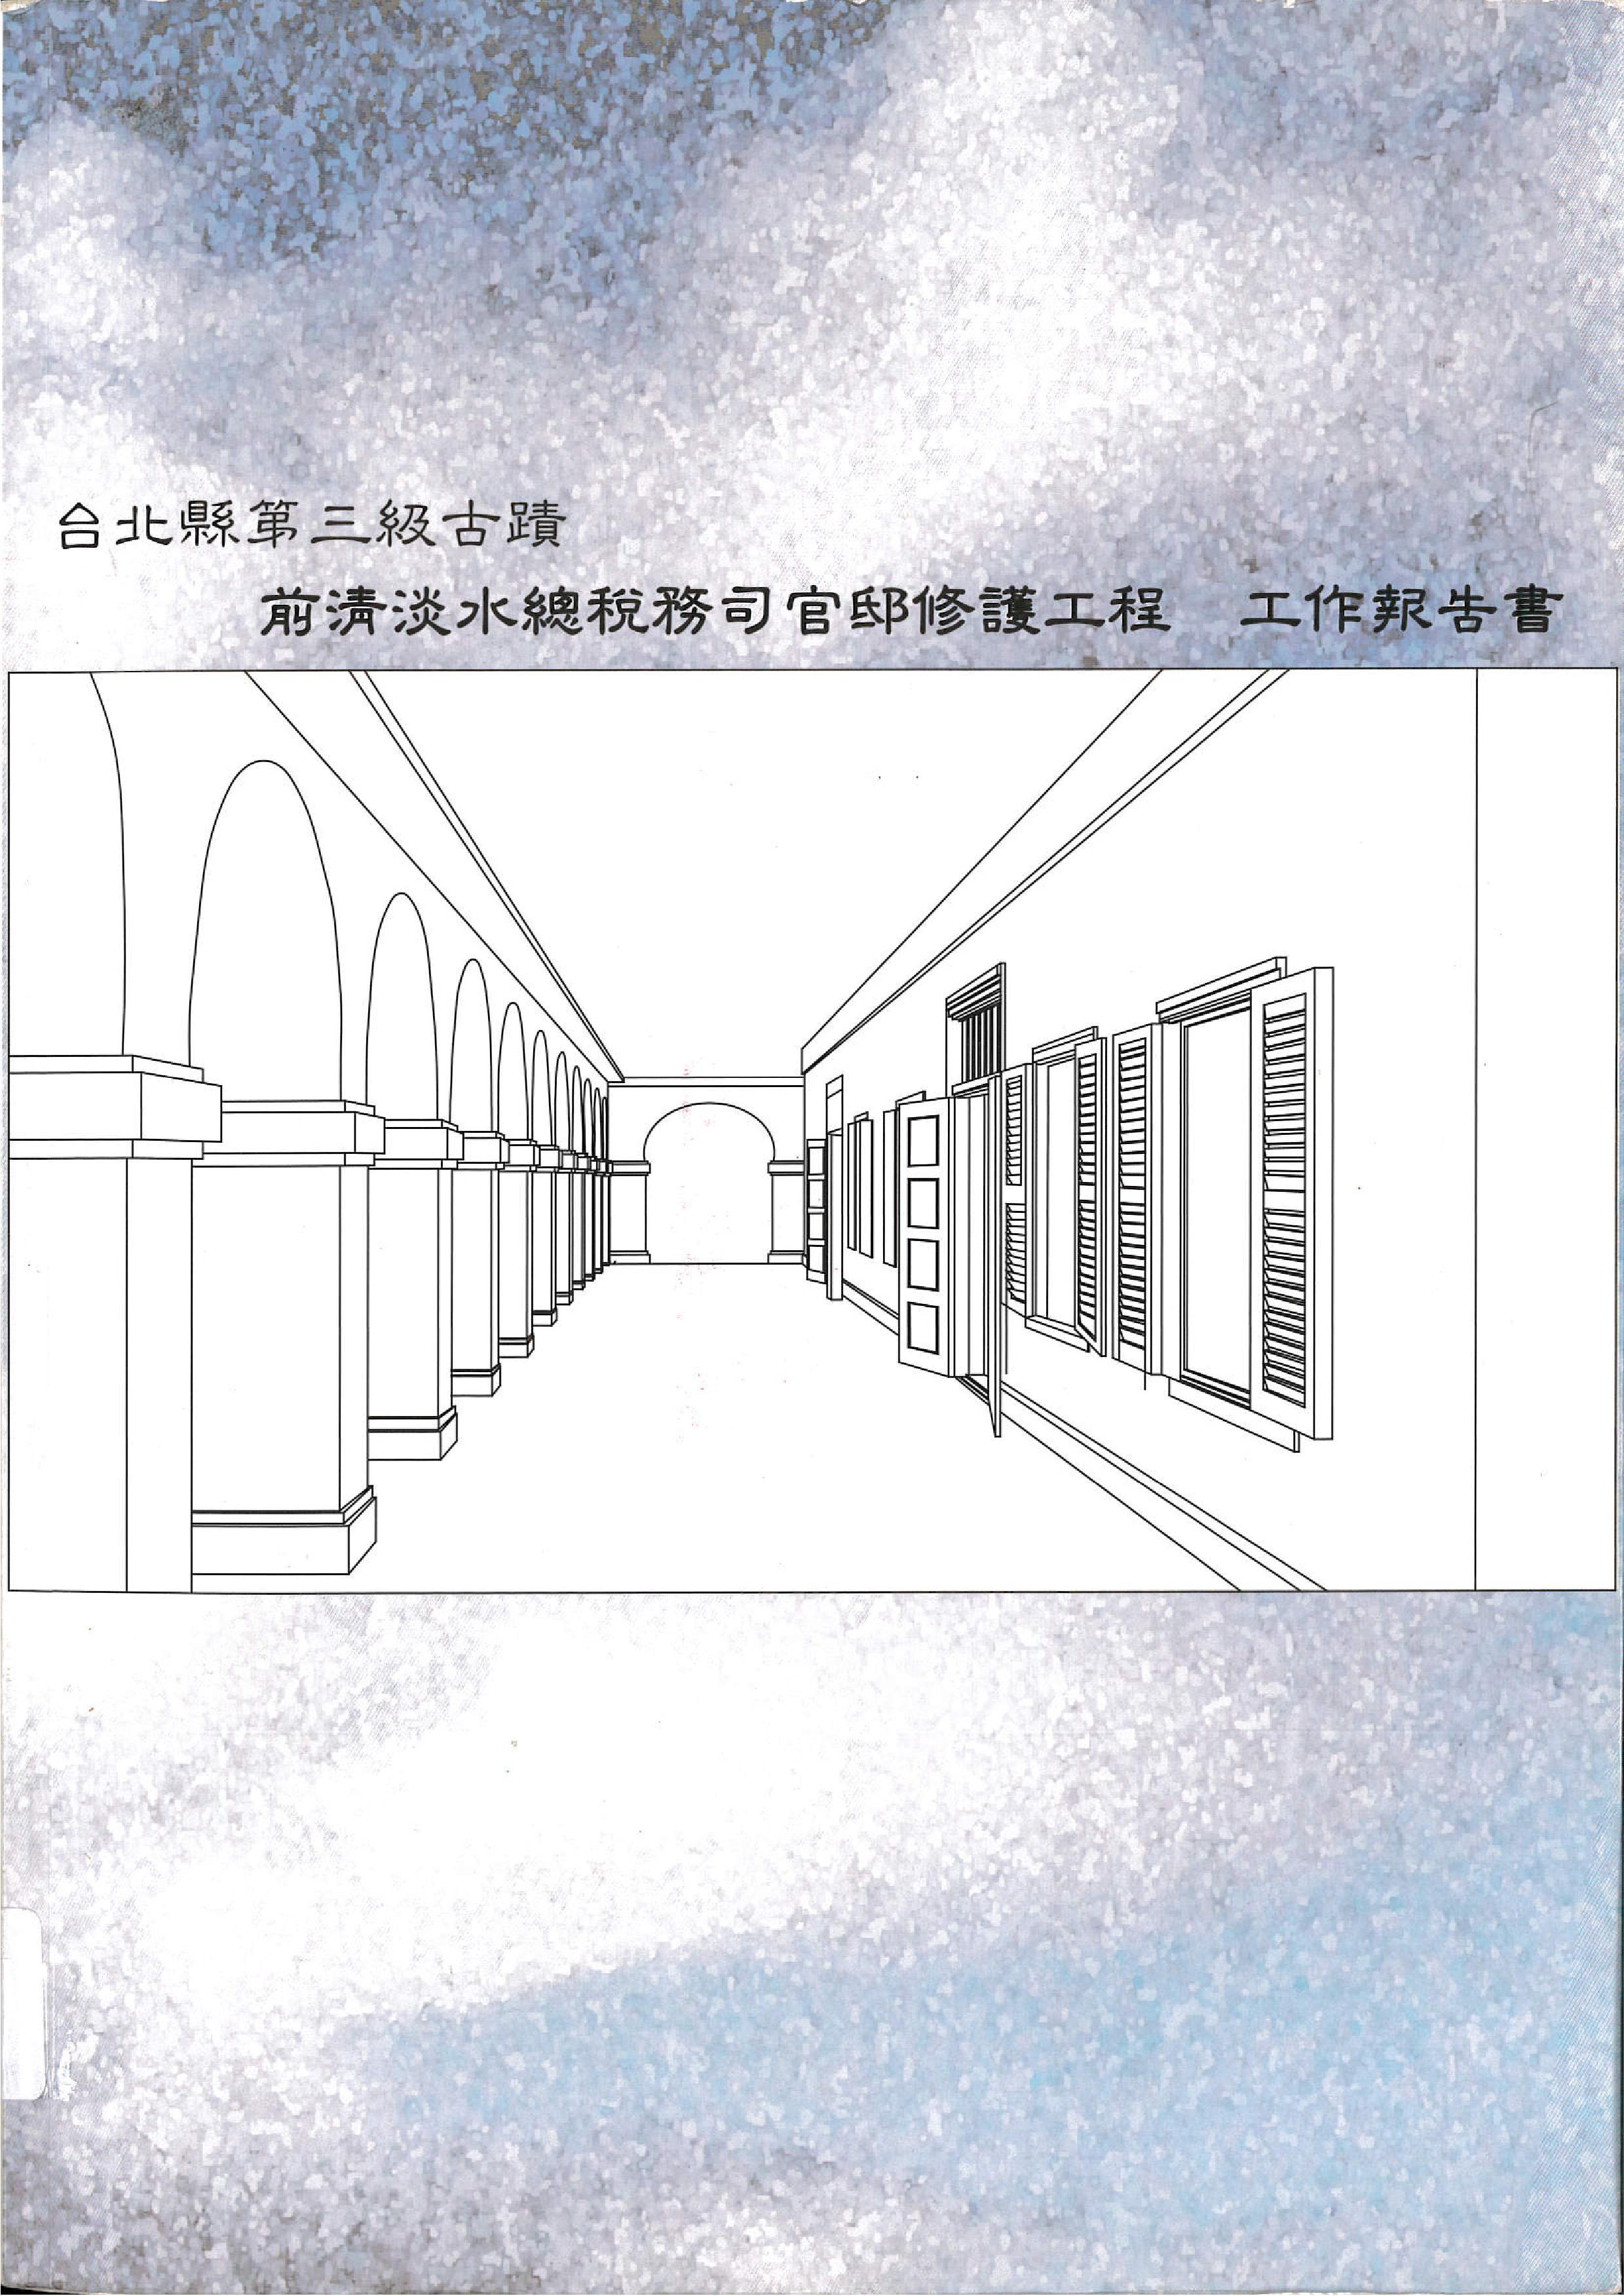 前清淡水總稅務司官邸修護工程工作報告書